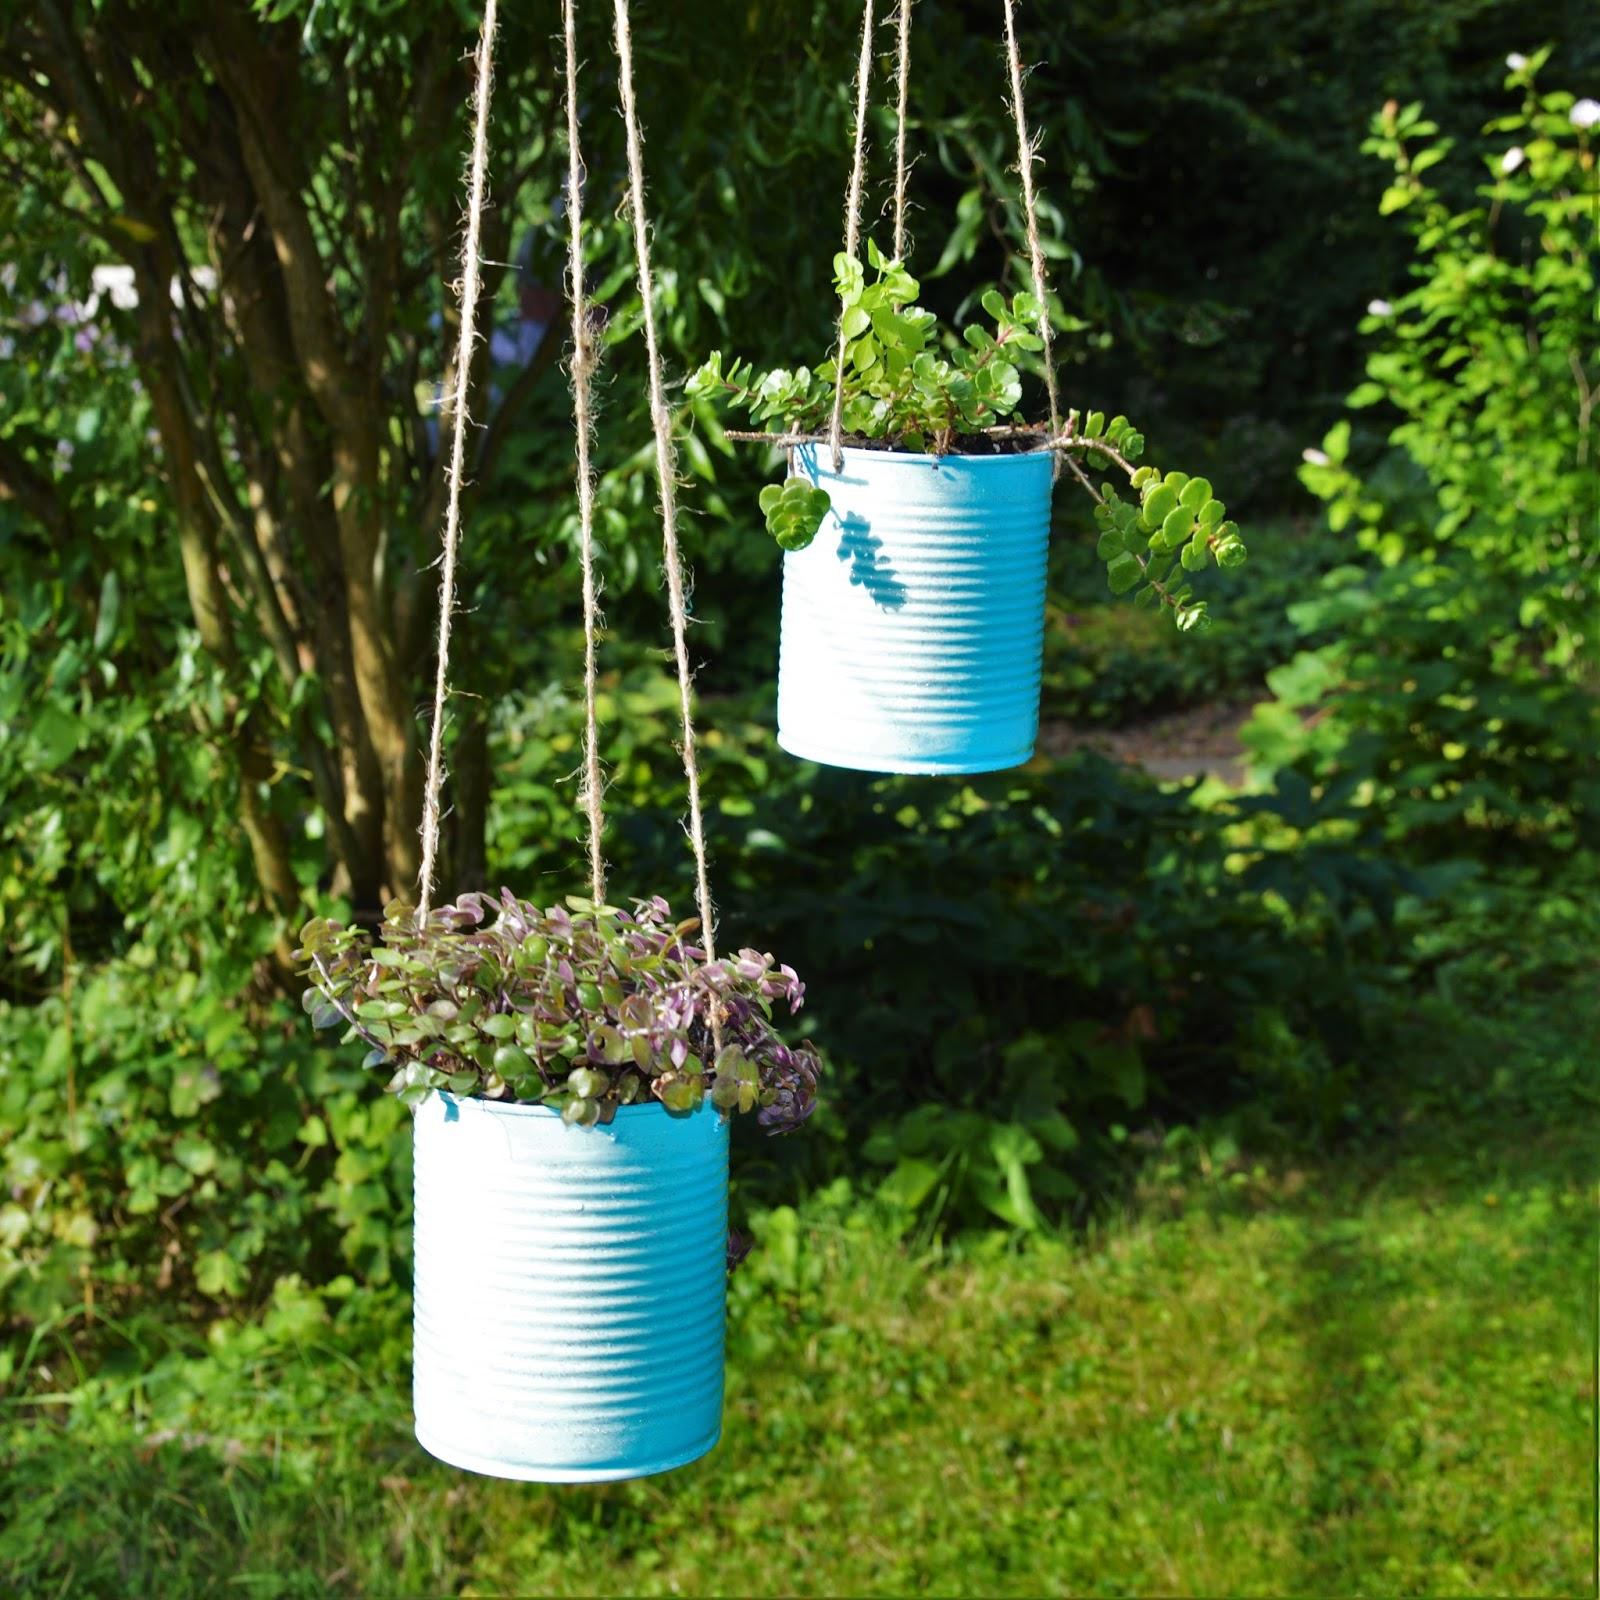 Ines felix kreatives zum nachmachen h ngepflanzen in dosen - Hangepflanzen garten ...